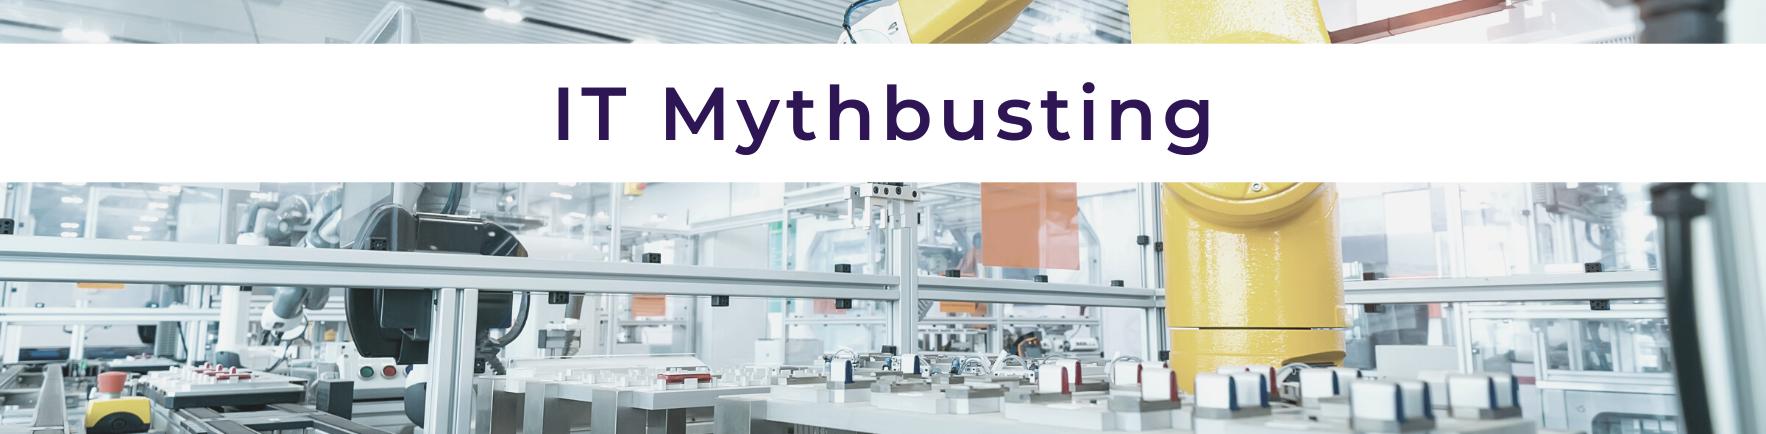 Blog: IT Mythbusting